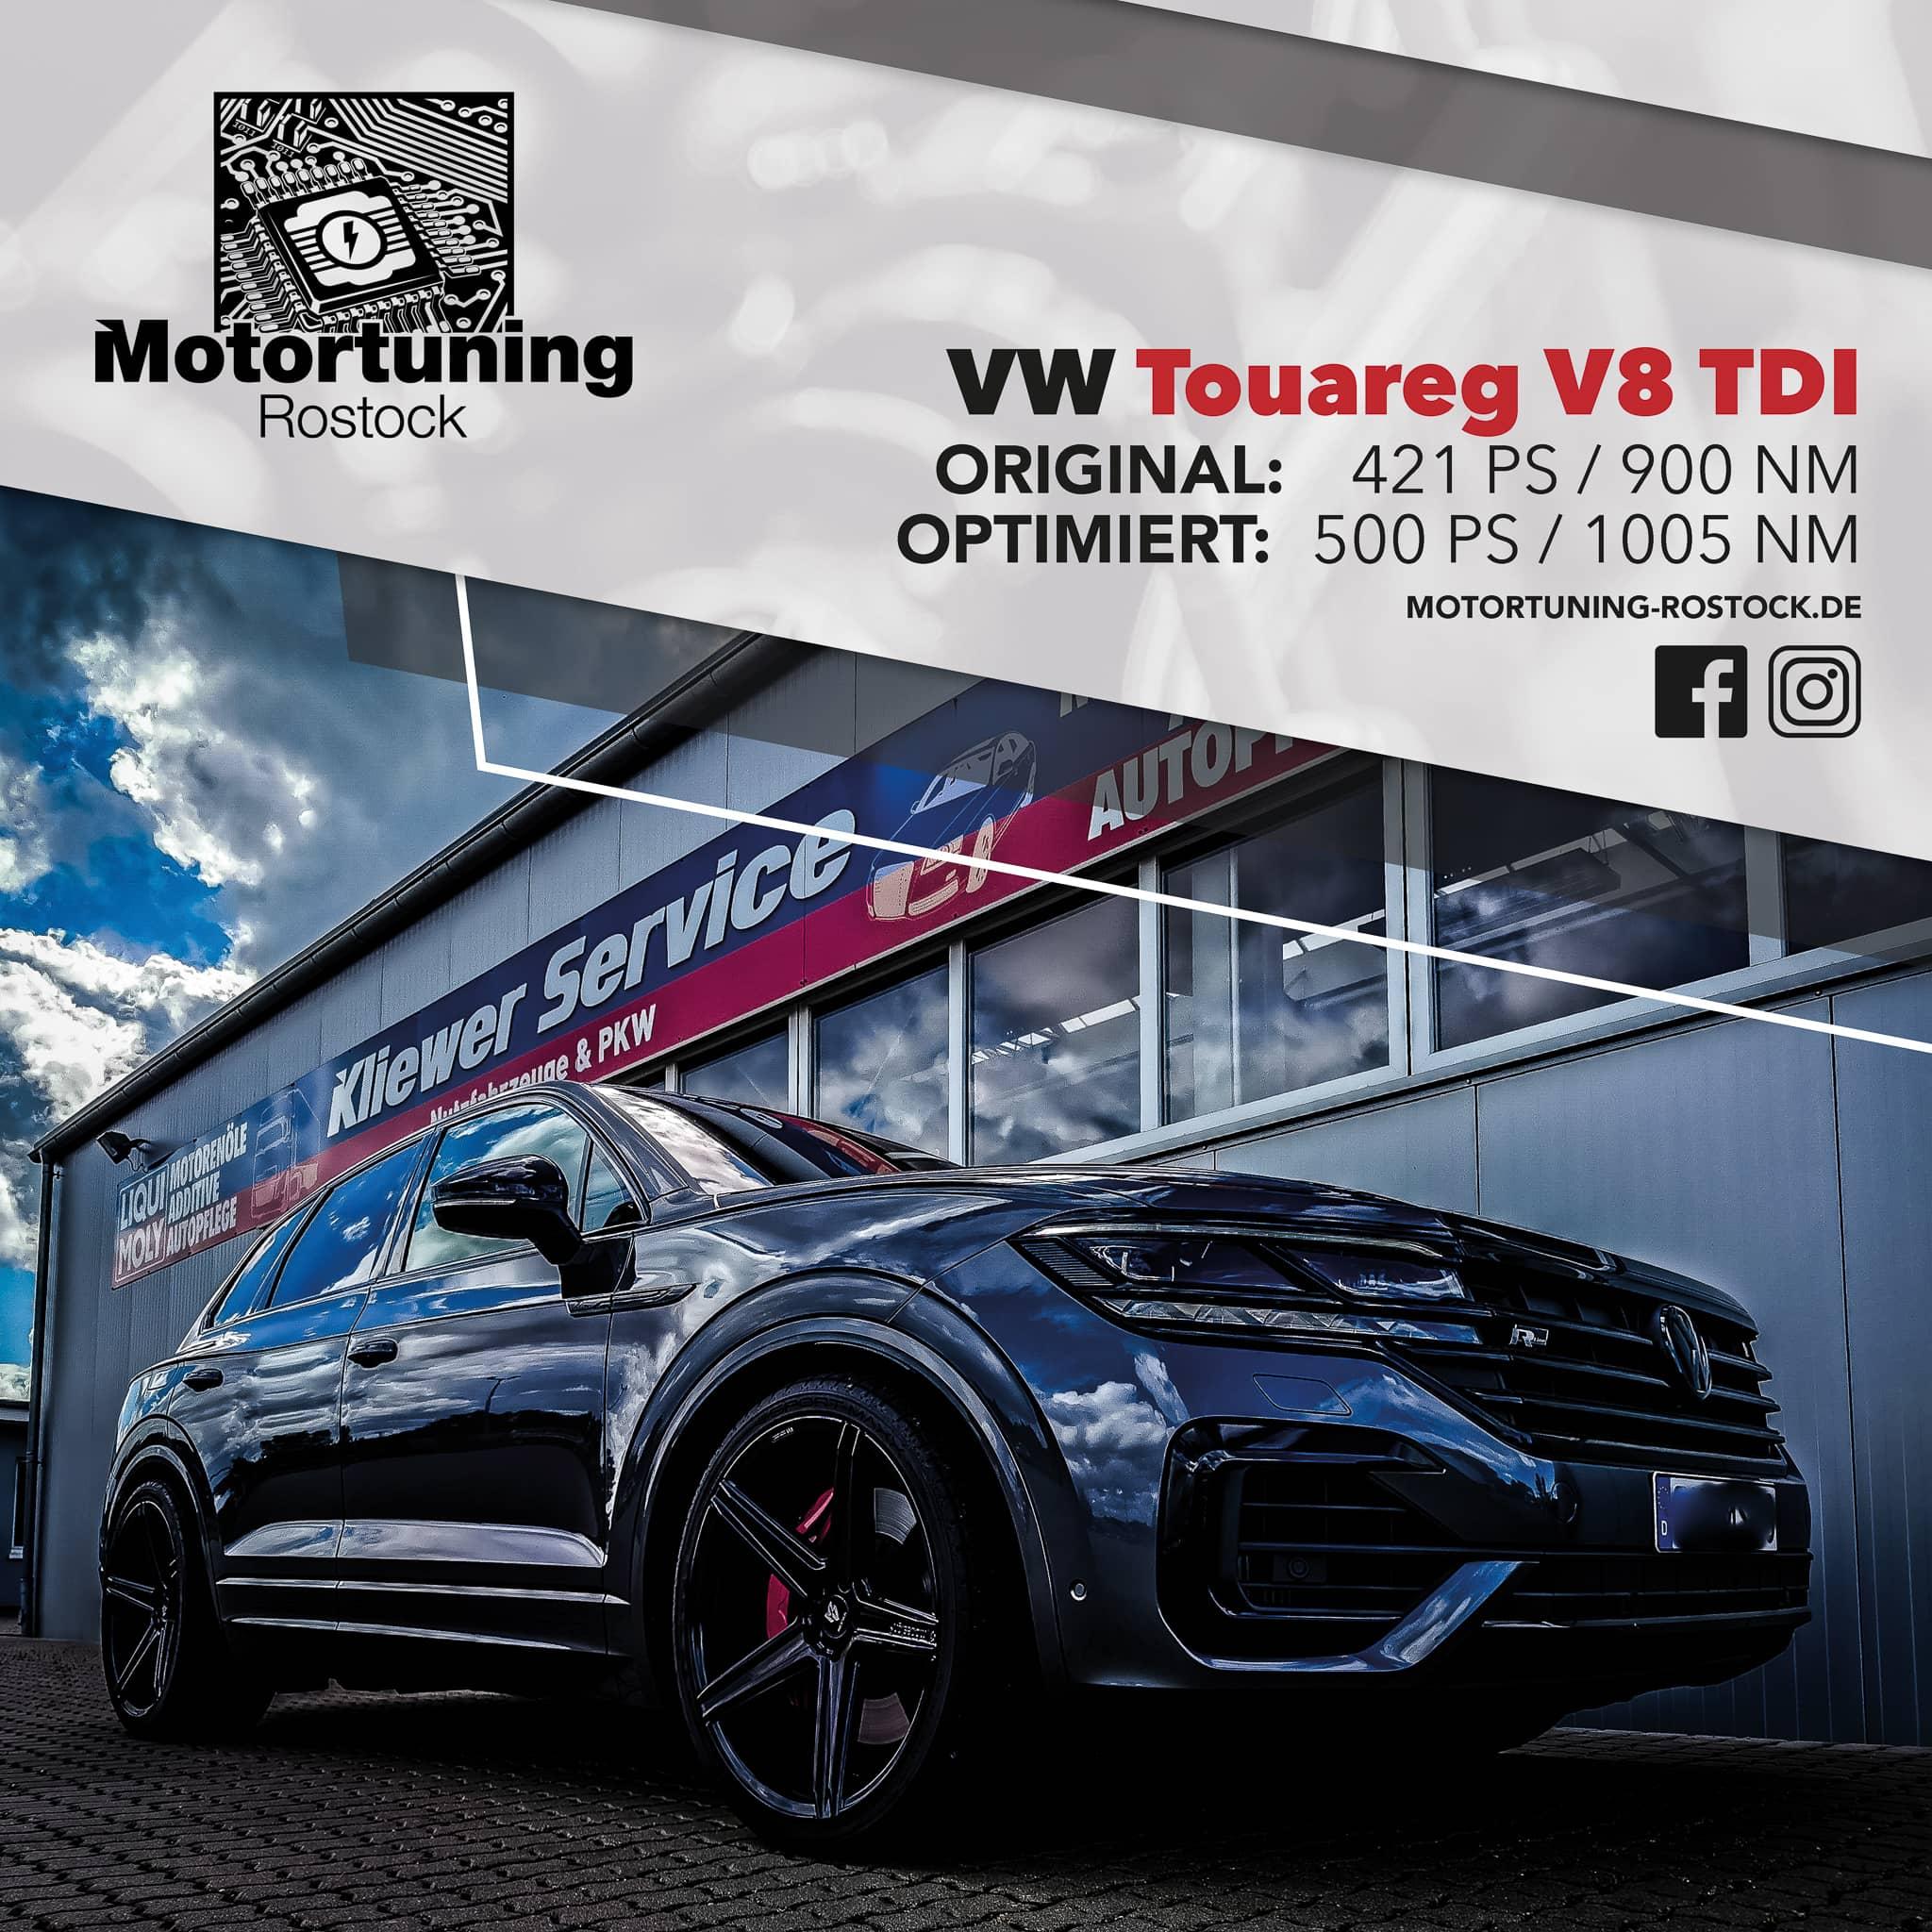 Chiptuning-Motortuning Rostock, Kennfeldoptimierung, Leistungssteigerung, VW Touareg V8 TDI, Ansicht schräg vorn, weiß, Originalleistung: 421 PS,optimierte Leistung: 500 PS